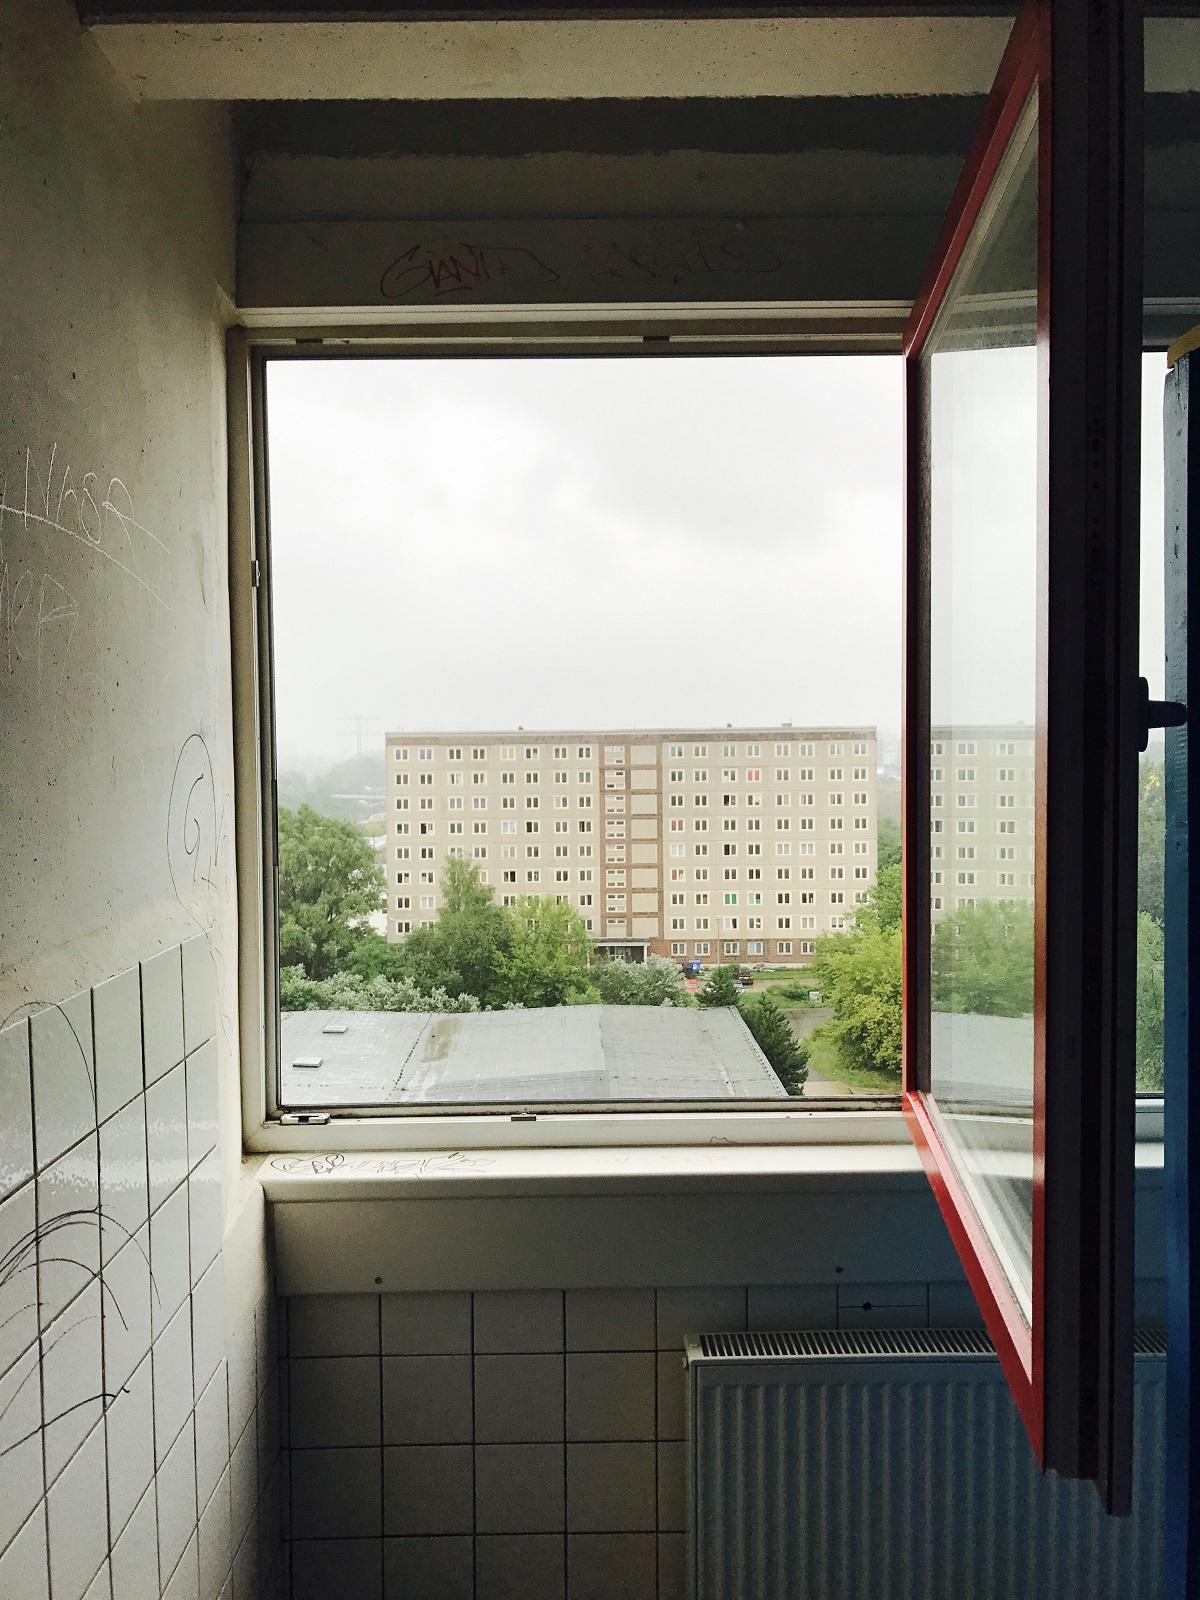 Вокруг старой деревни Марцан на северо-востоке Берлина к концу 1980-х годов возник большой жилой район, выделявшийся одиннадцатиэтажными блочными корпусами и обширными зелеными насаждениями. Меньше чем за 15 лет здесь были построены больше 100 тысяч квартир и 360 общественных зданий – детские сады, школы, торговые центры и центры бытового обслуживания, поликлиники и учреждения культуры © Андреас Метц